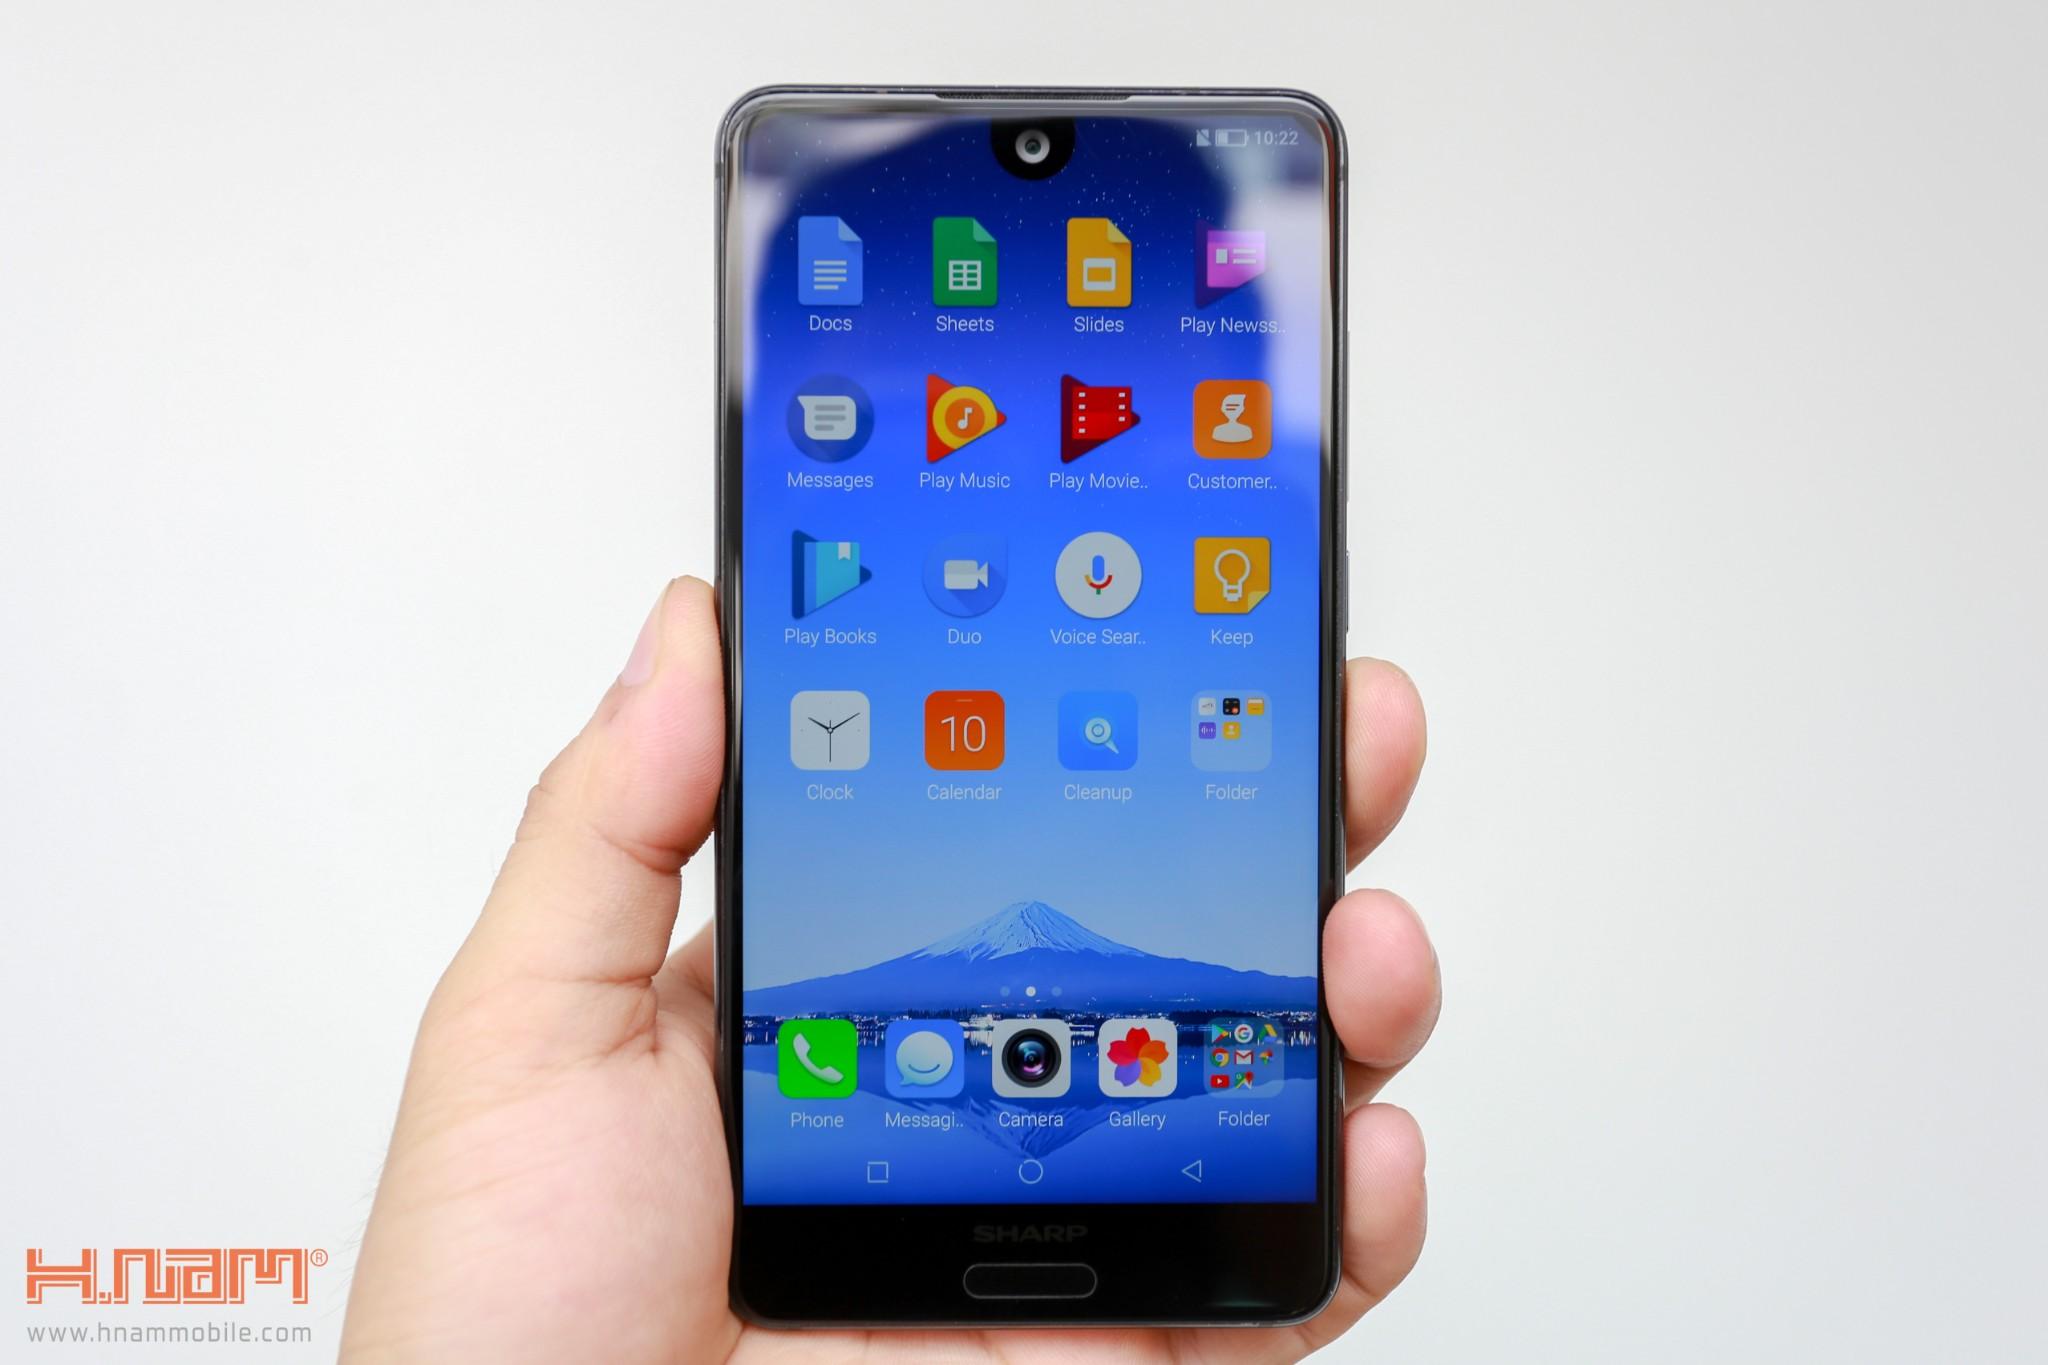 Trên tay Sharp Aquos S2 phiên bản màu xanh tại Việt Nam hình 8